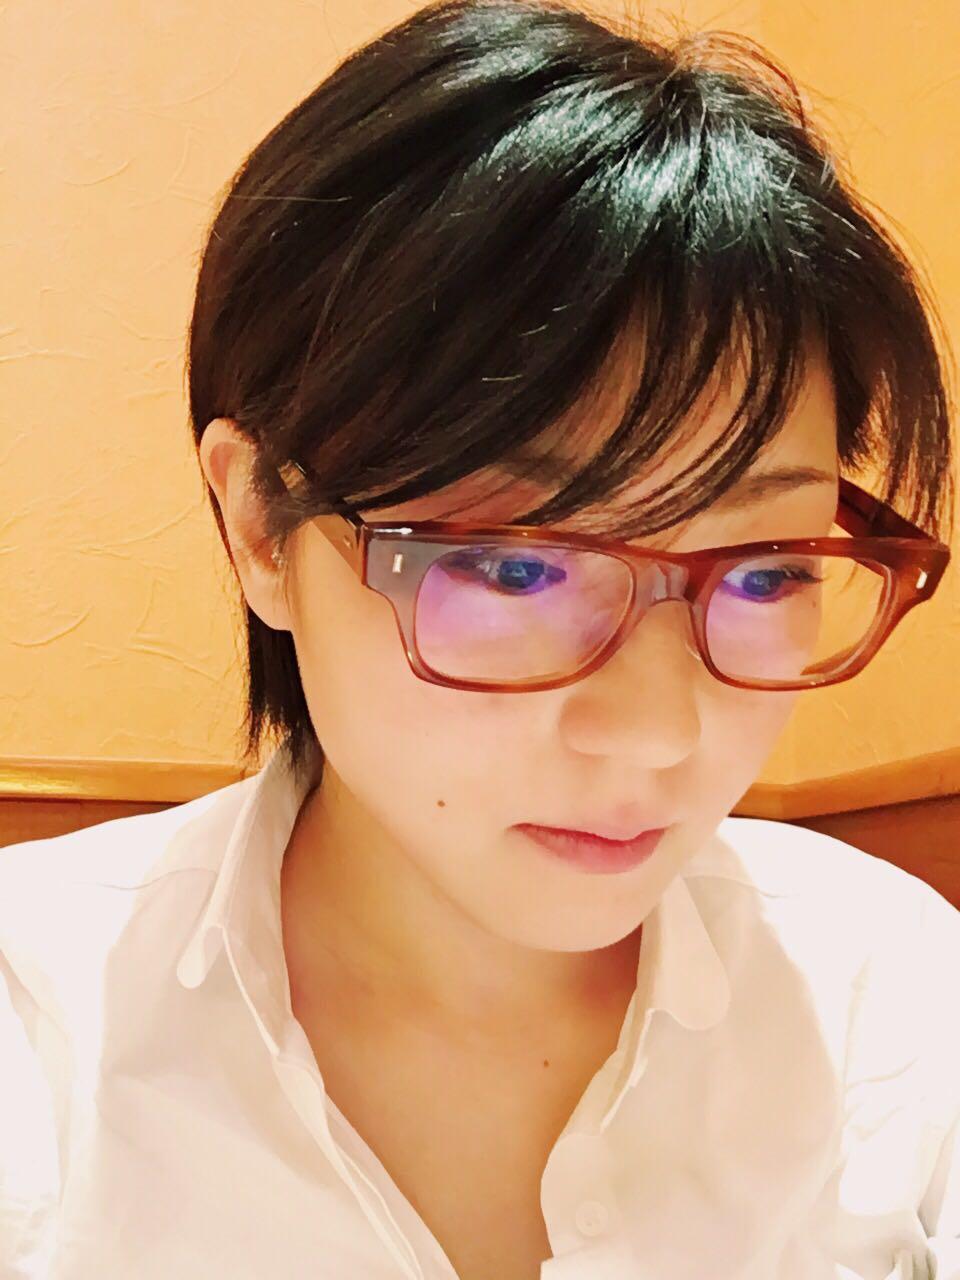 引退したAV女優・笠木忍の現在の顔